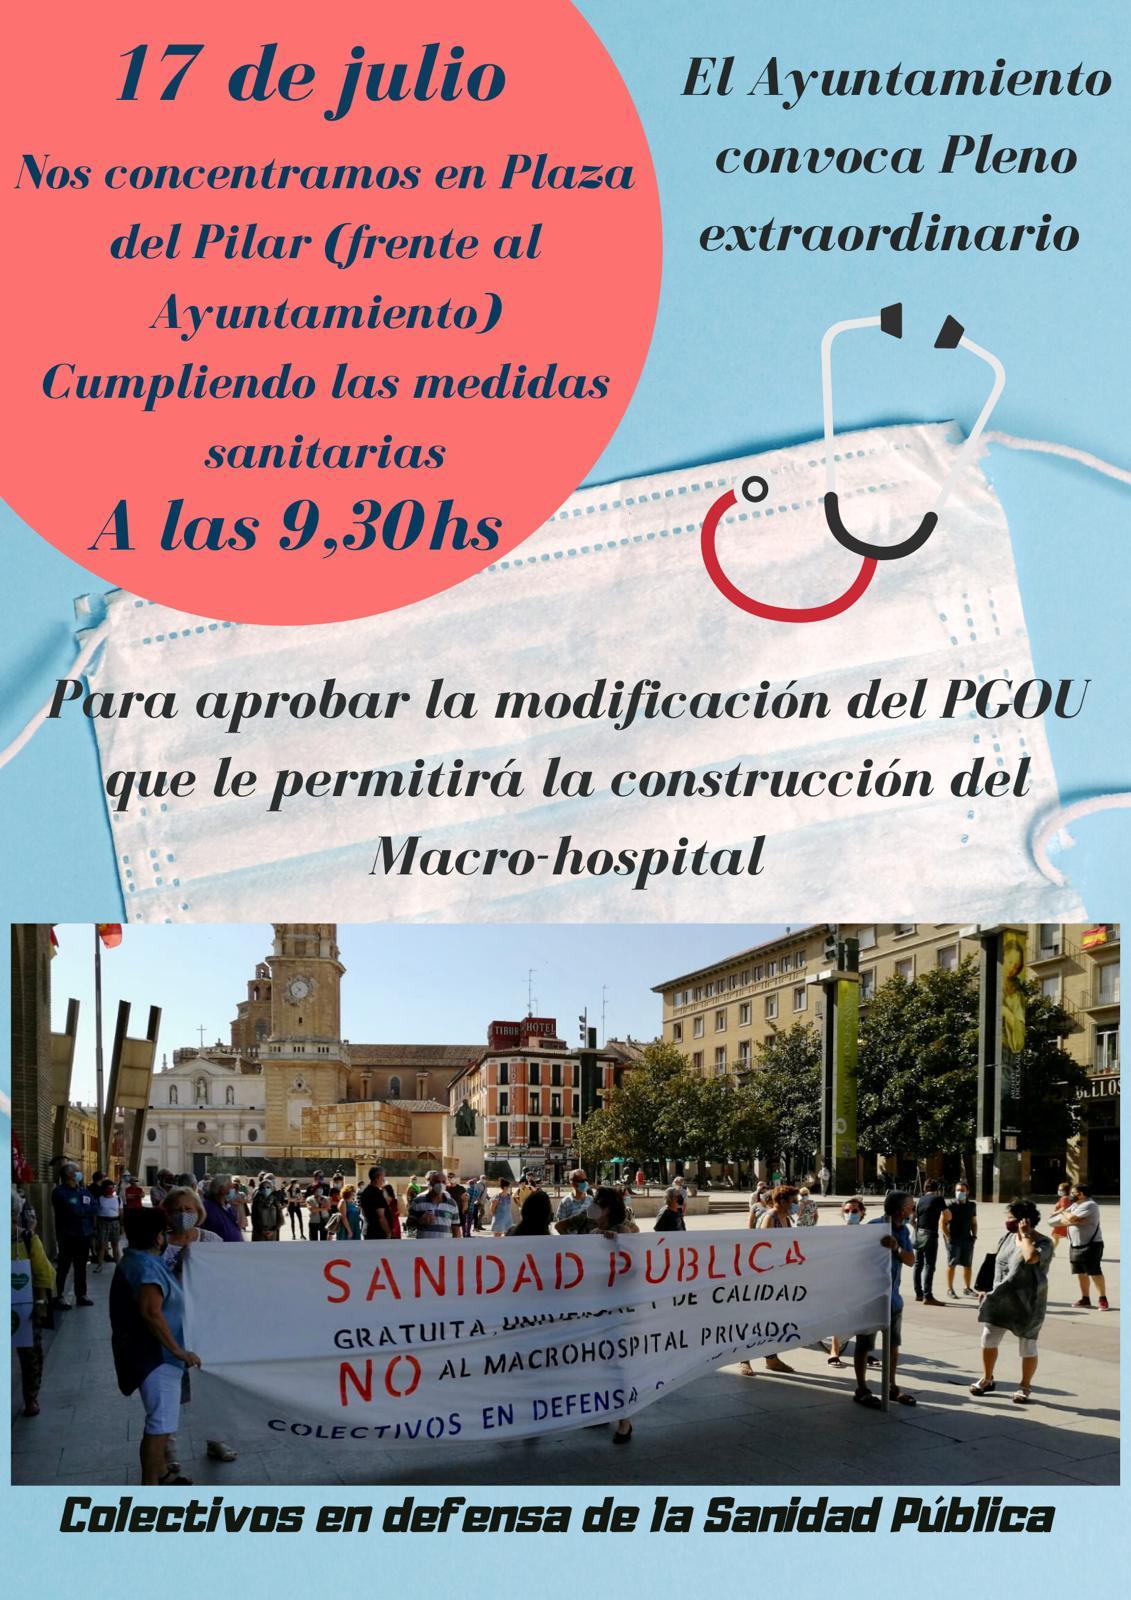 Zaragoza.Sanidad. Viernes 17 de Julio_09:30 h. Concentración frente al Ayuntamiento